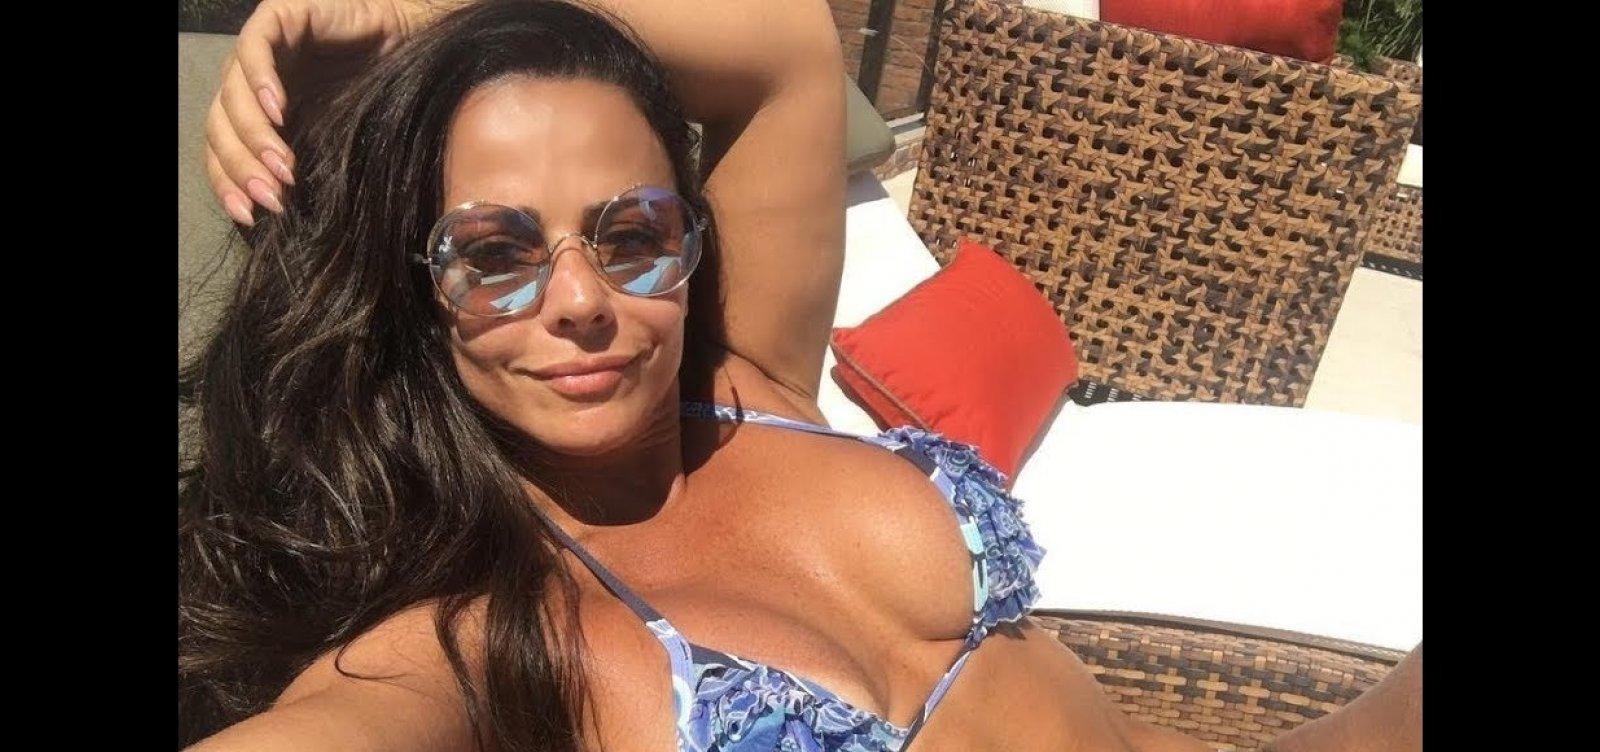 De novo: Vivi Araujo canta 'ex é ex' e seguidores veem provocação a Belo